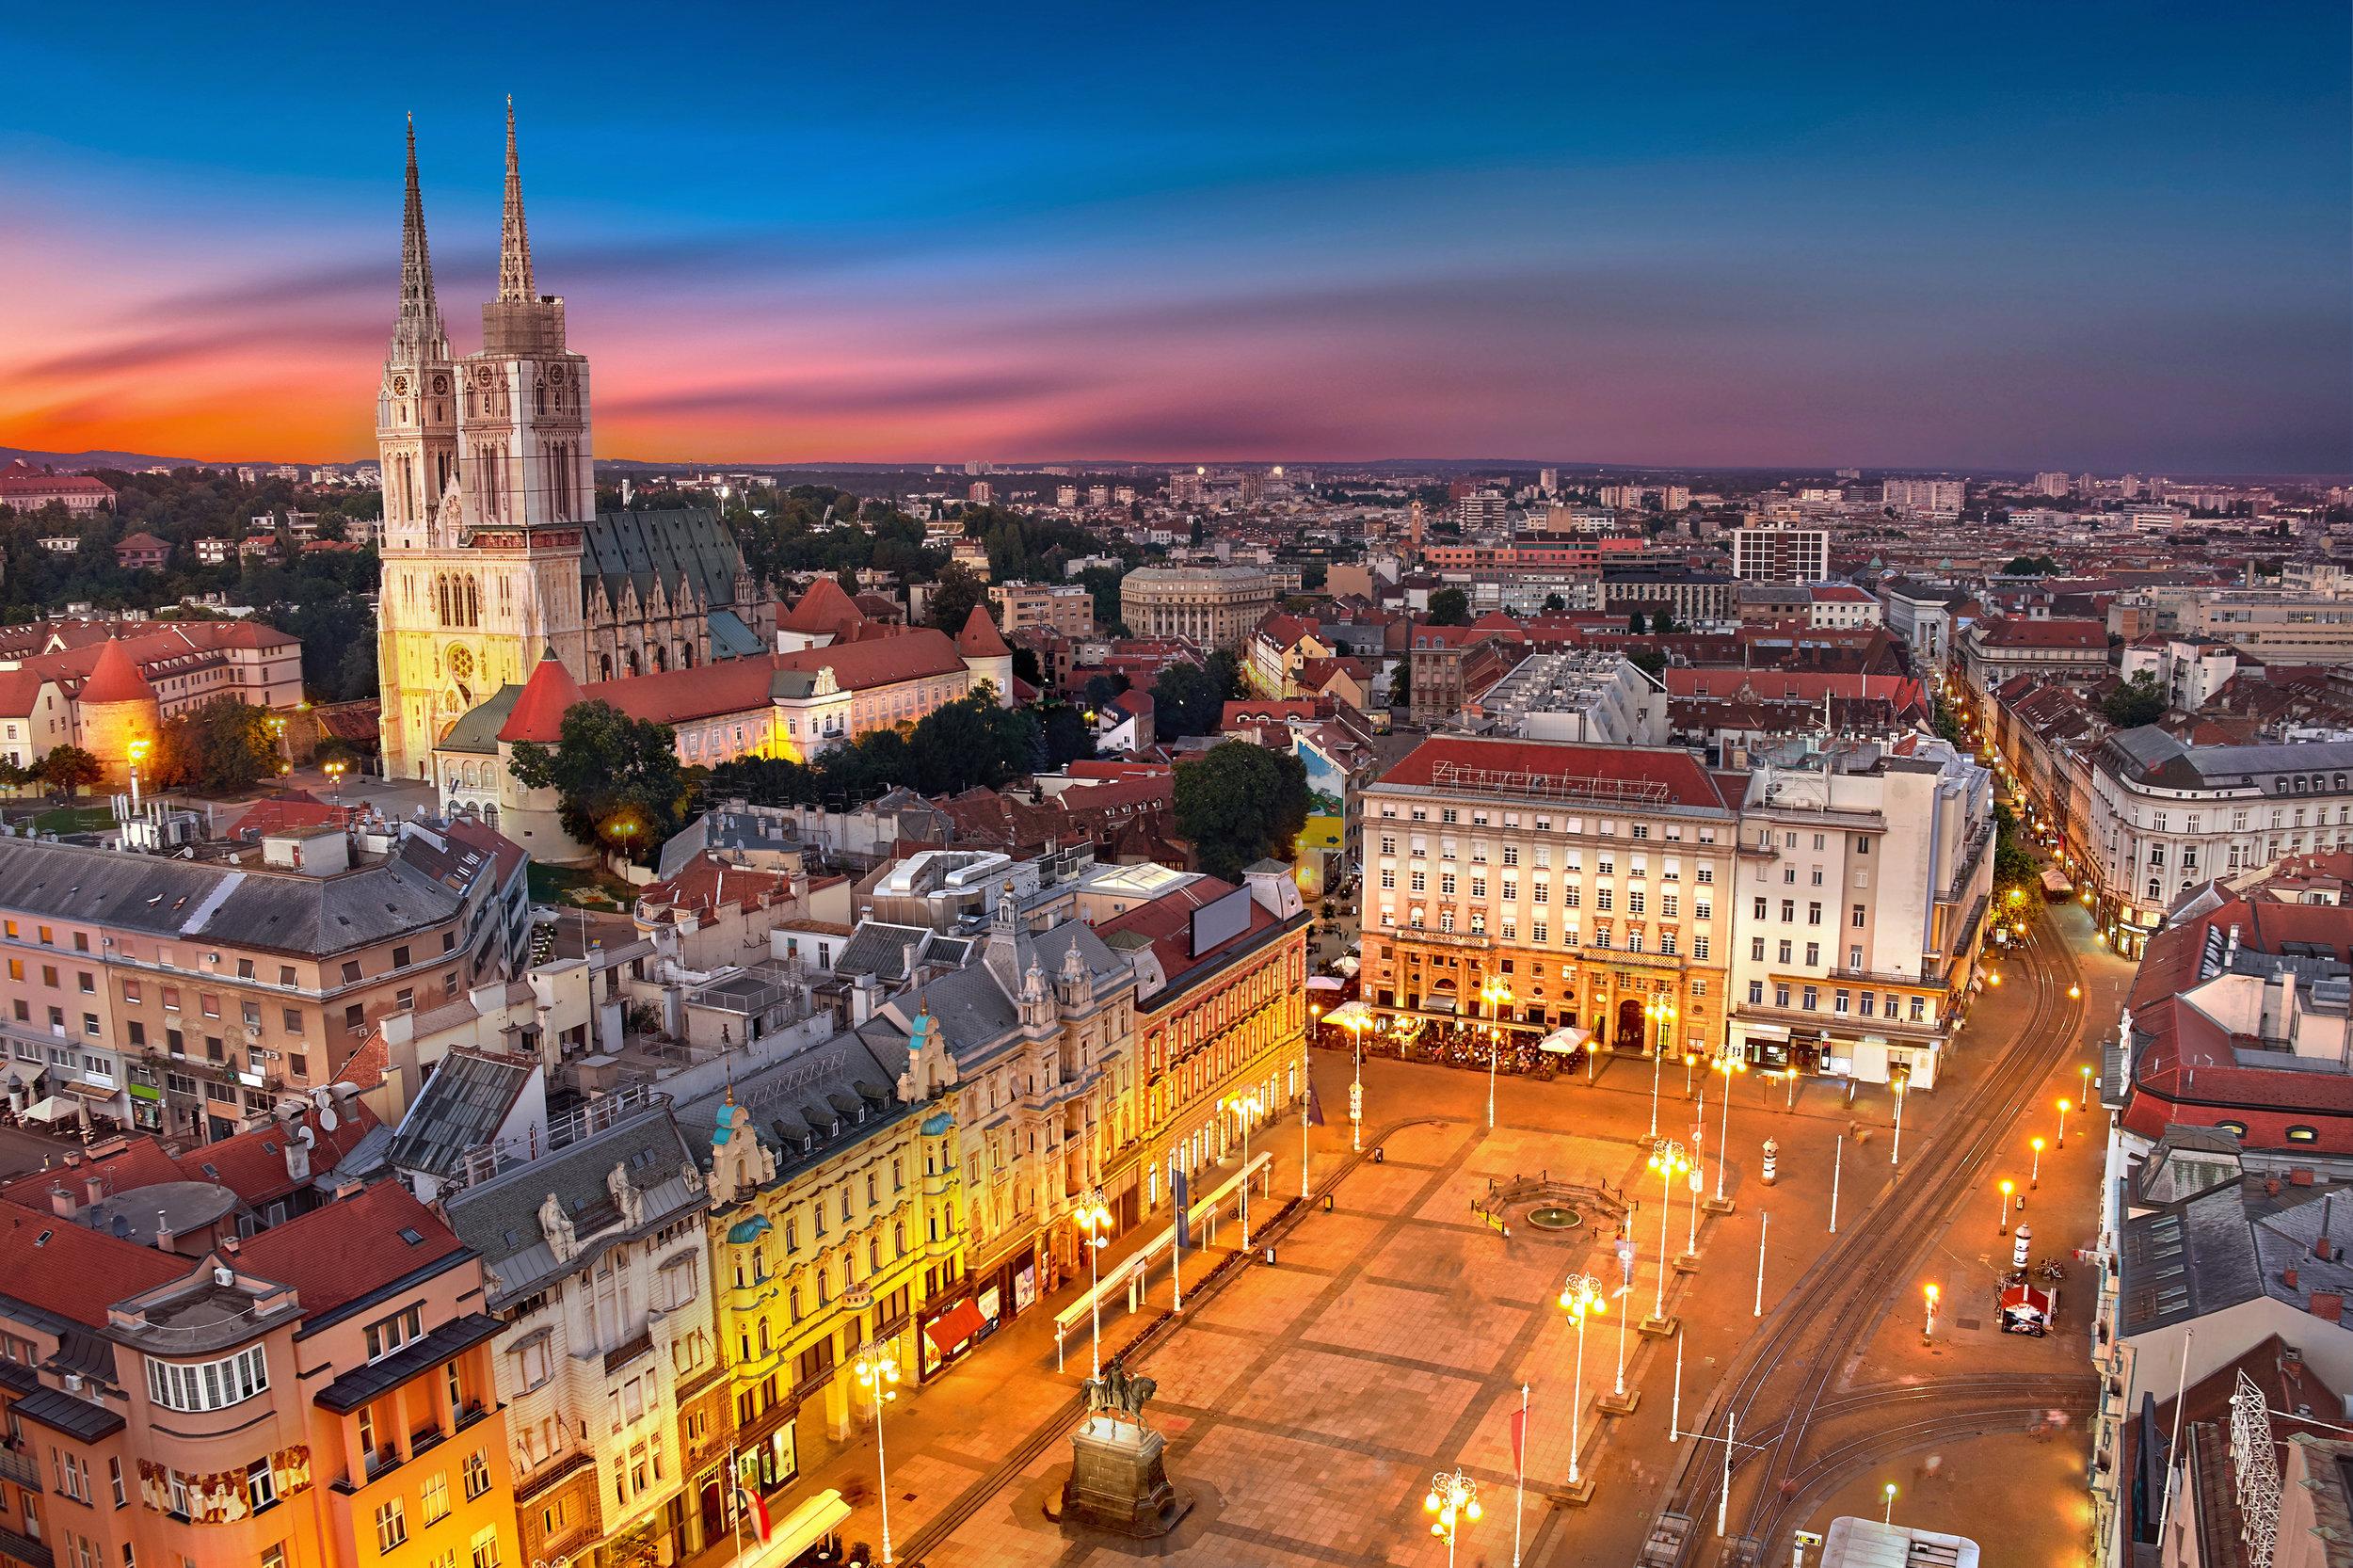 Explore the City Center of Zagreb